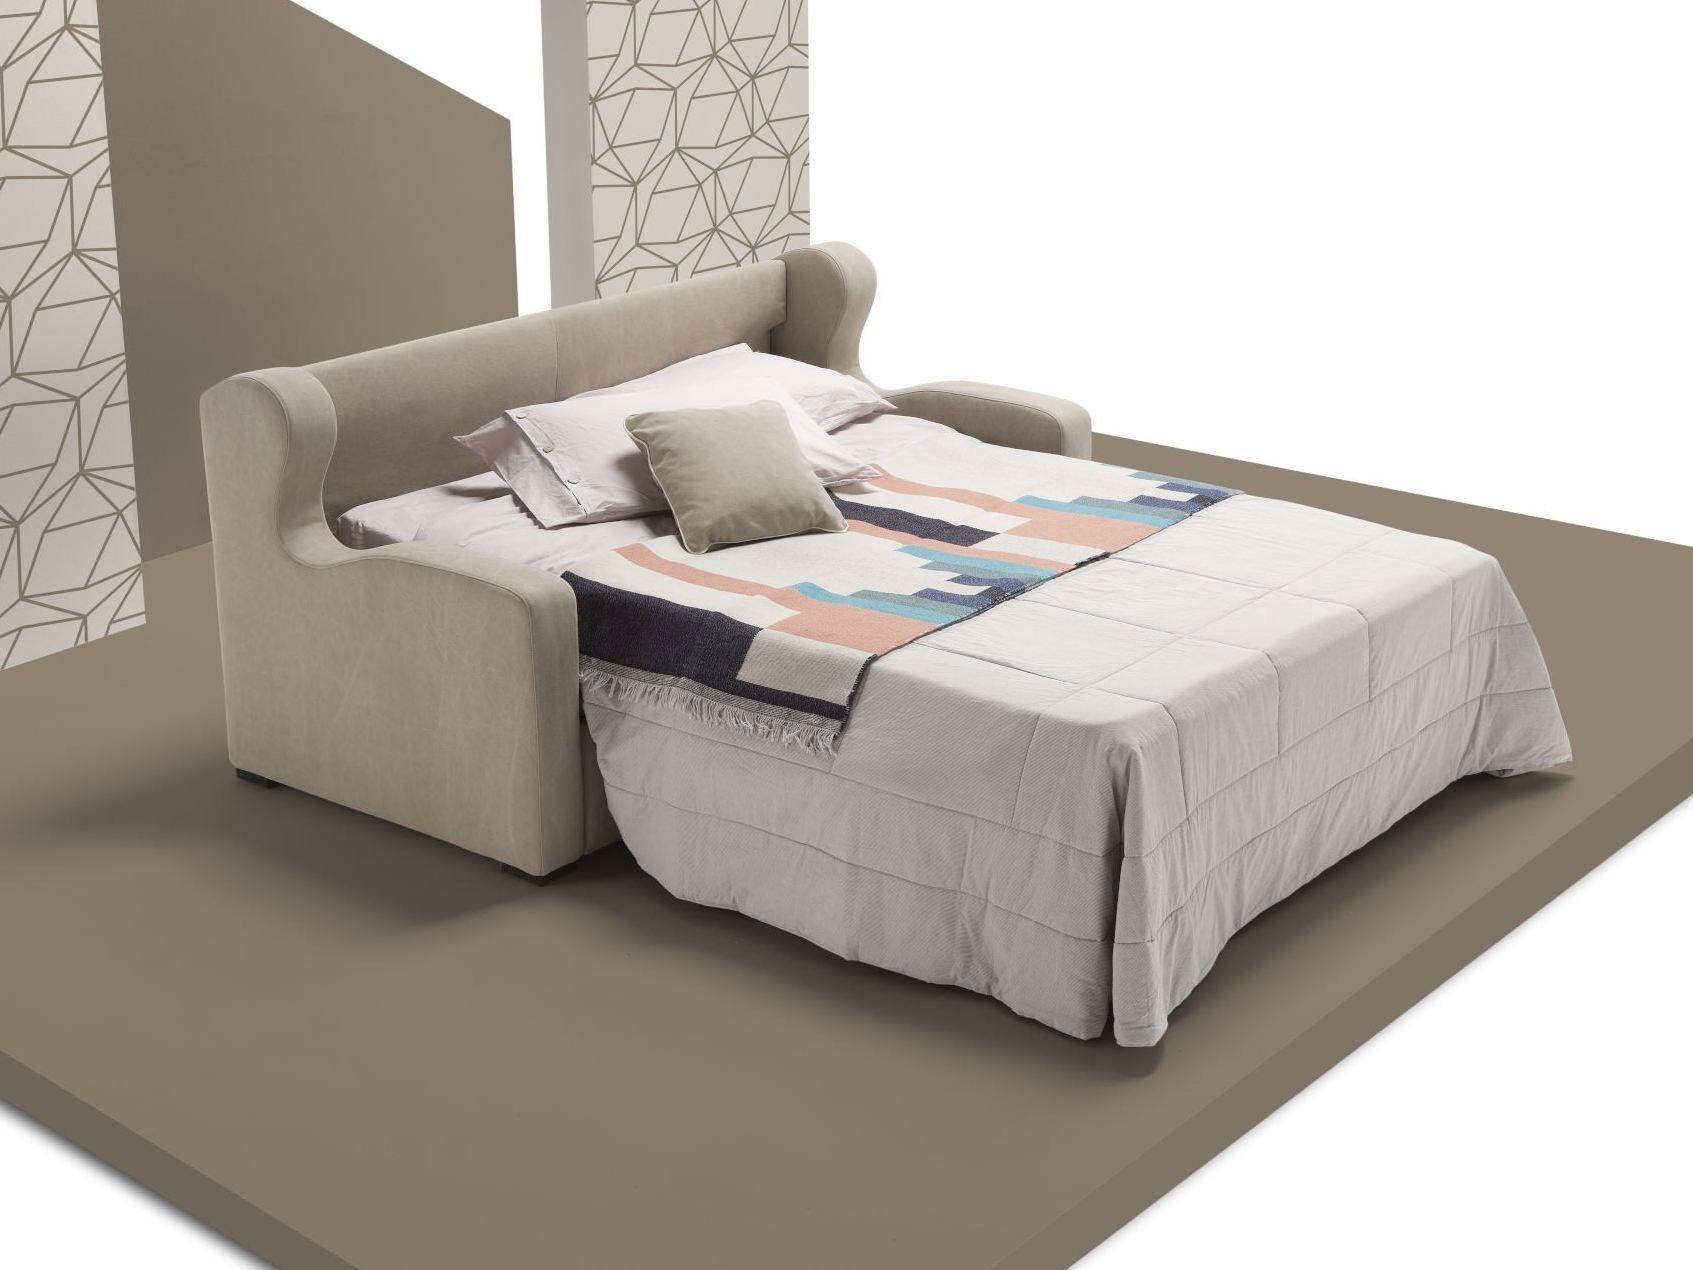 Divano letto sfoderabile in tessuto CERNOBBIO by Dienne ...